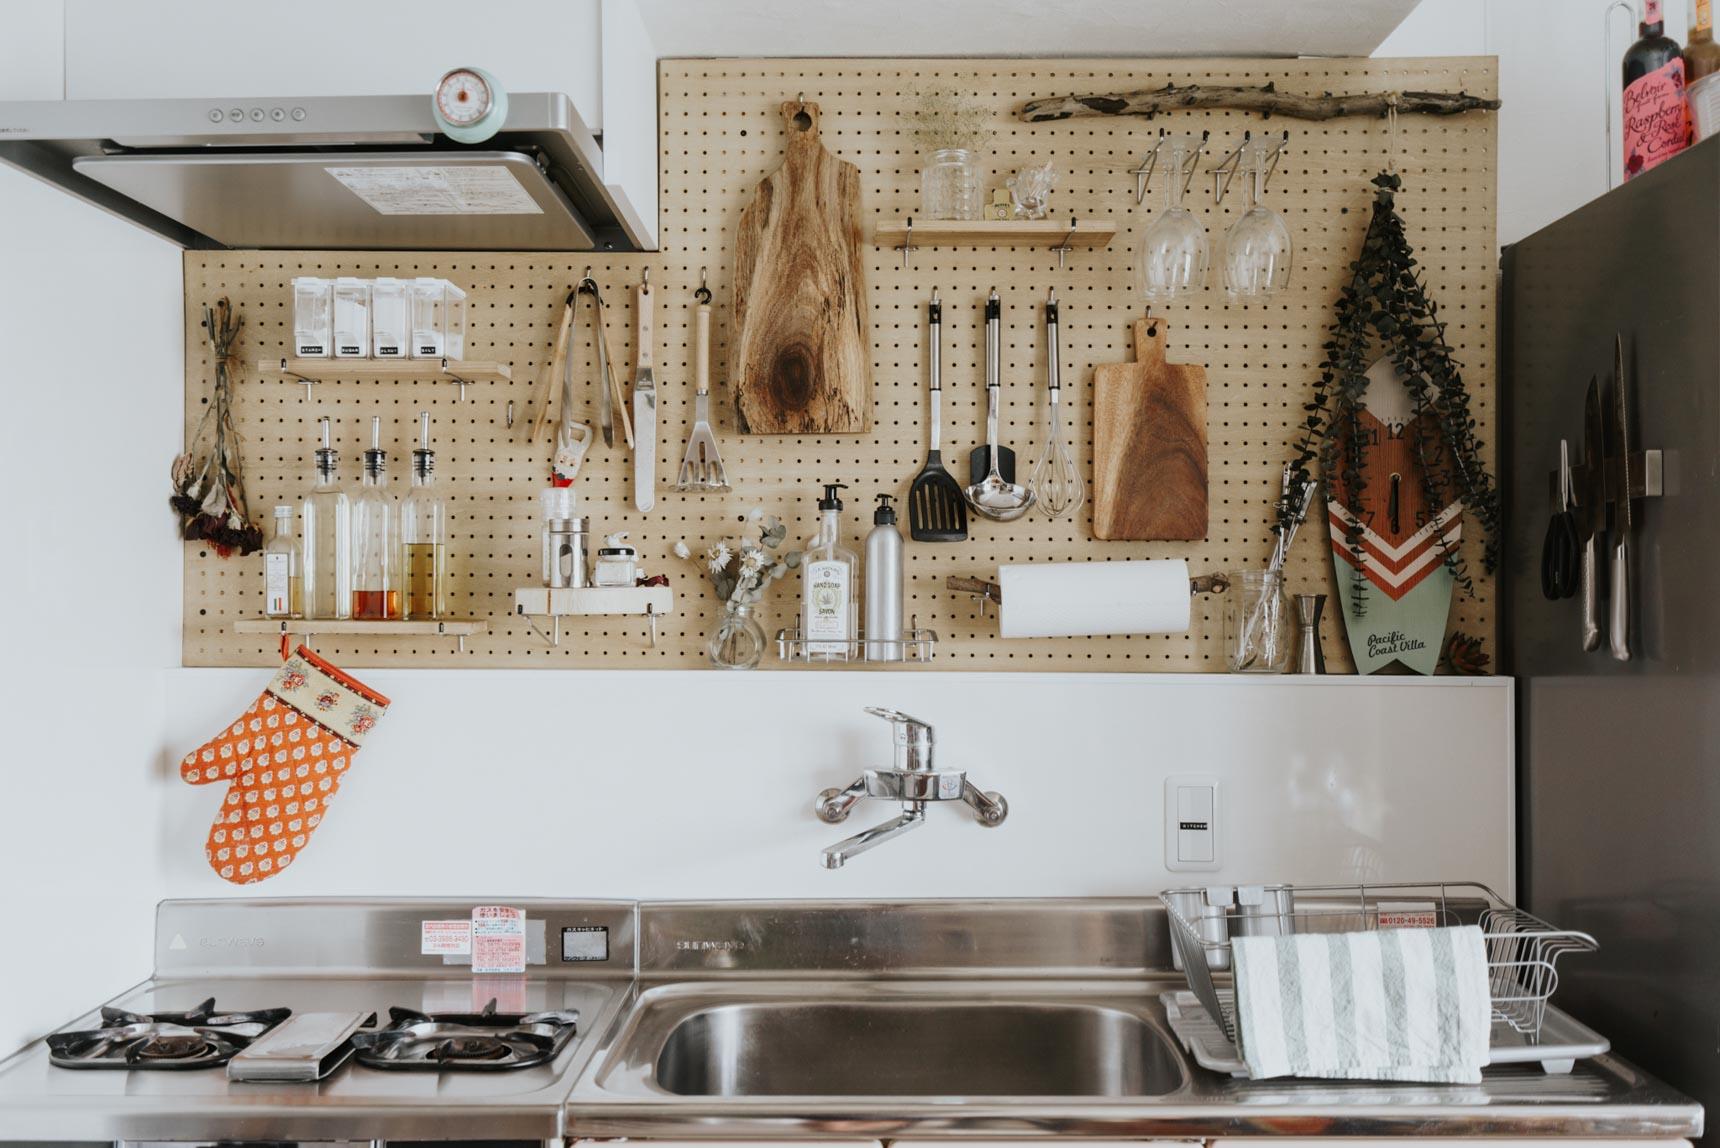 こちらのお部屋はさらに有孔ボードを組み合わせて収納力をアップ。見た目にも楽しいキッチンです。(このお部屋はこちら)